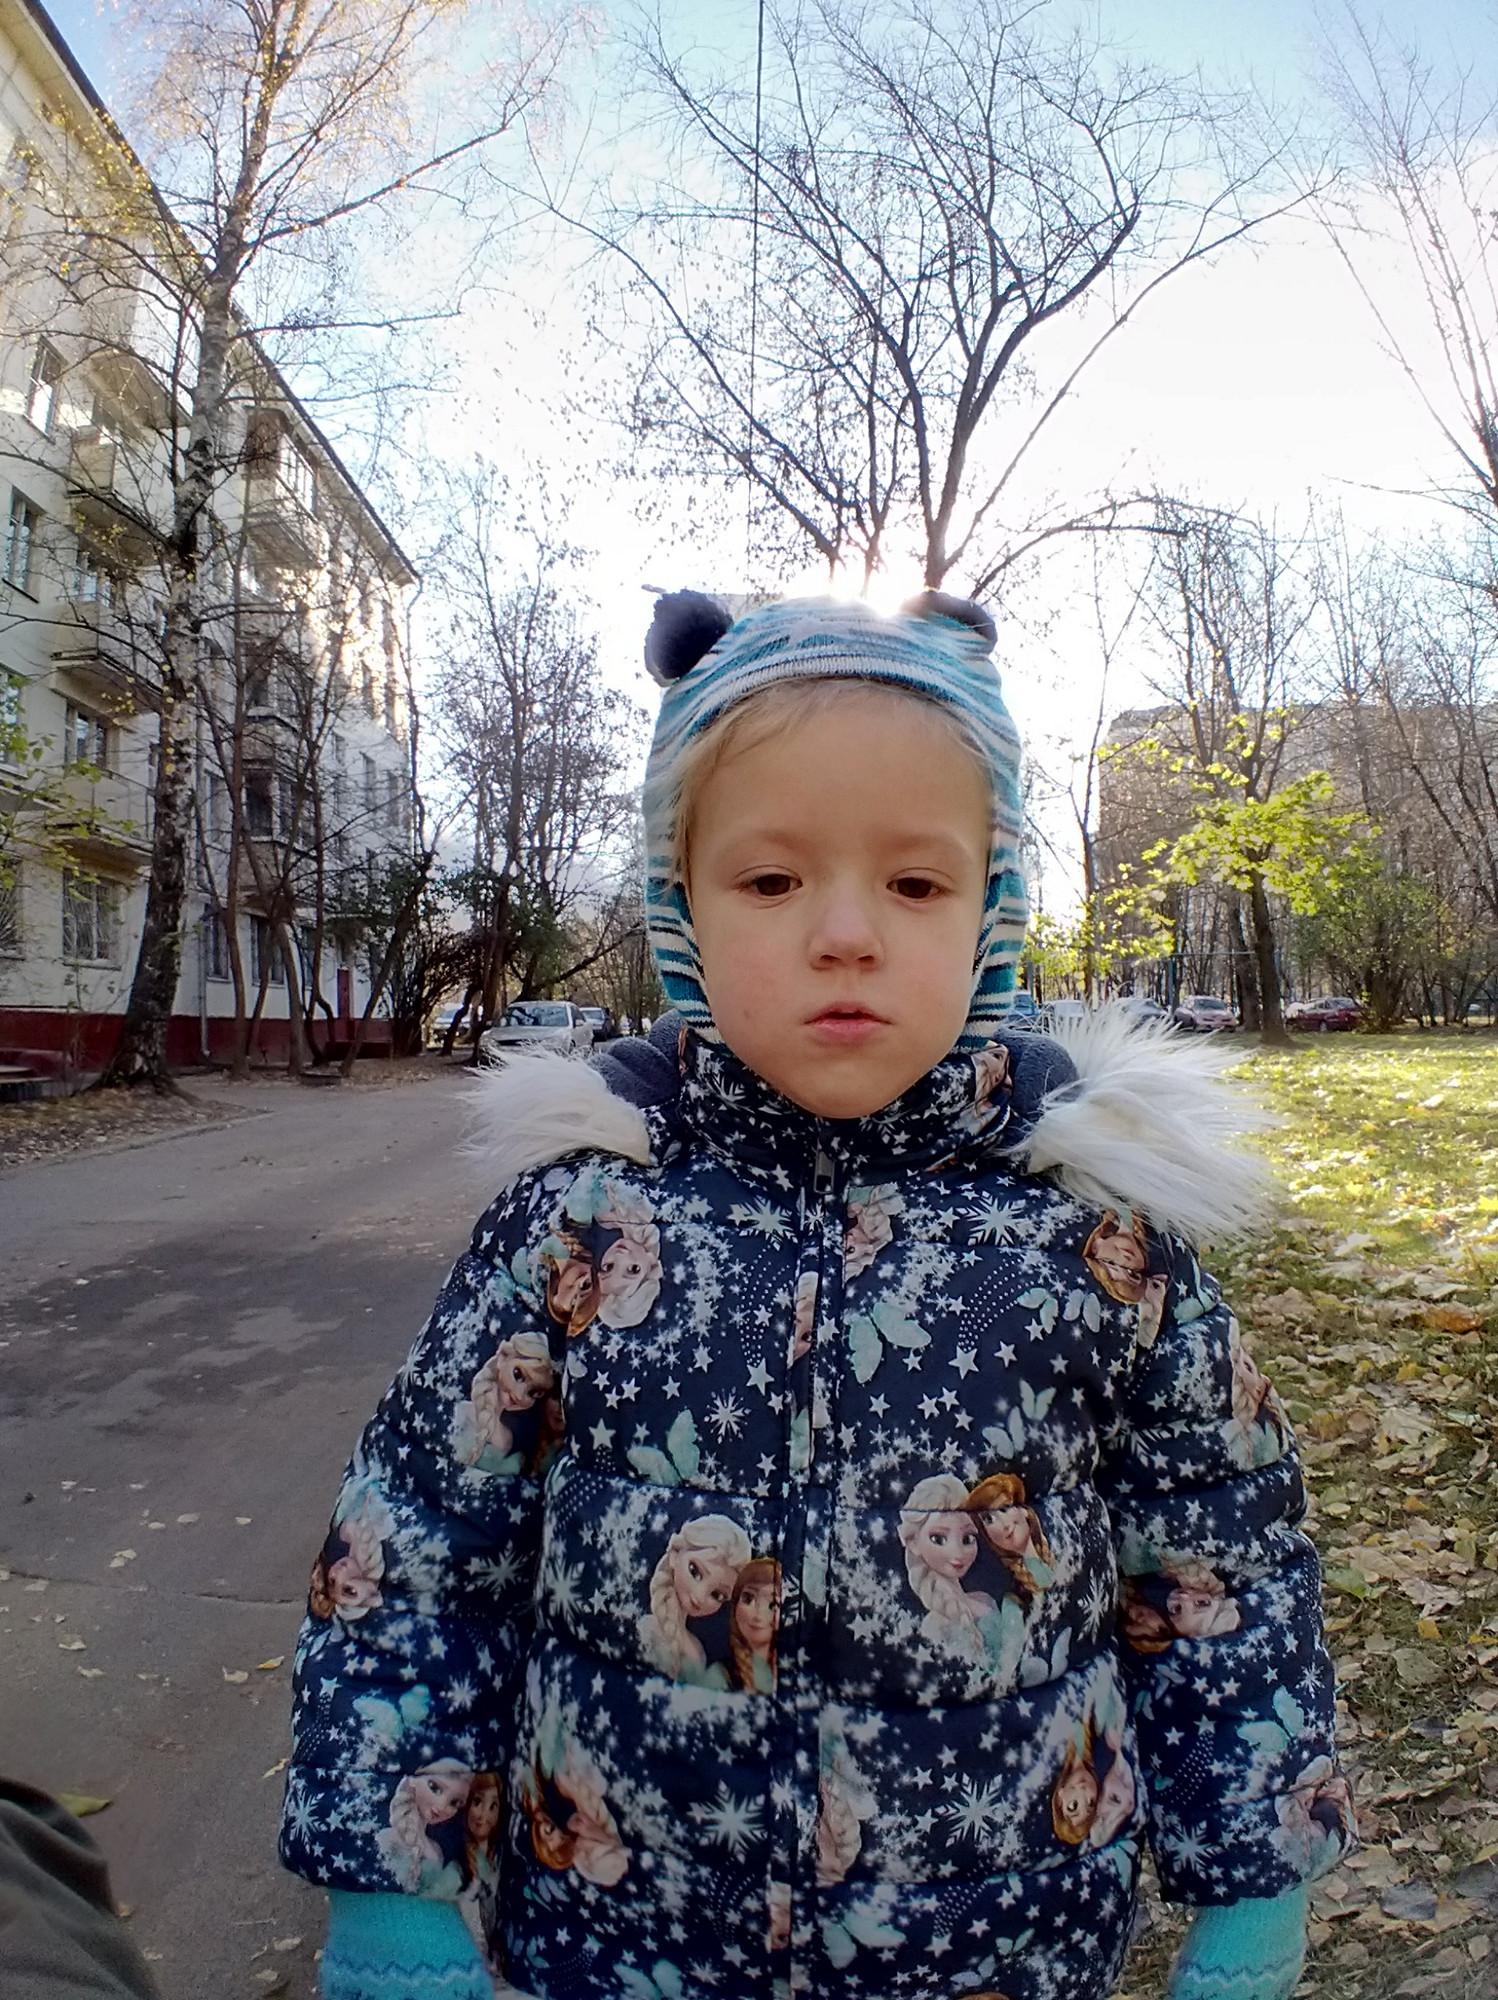 Обзор смартфона ASUS ZenFone 4 Selfie Pro - 34